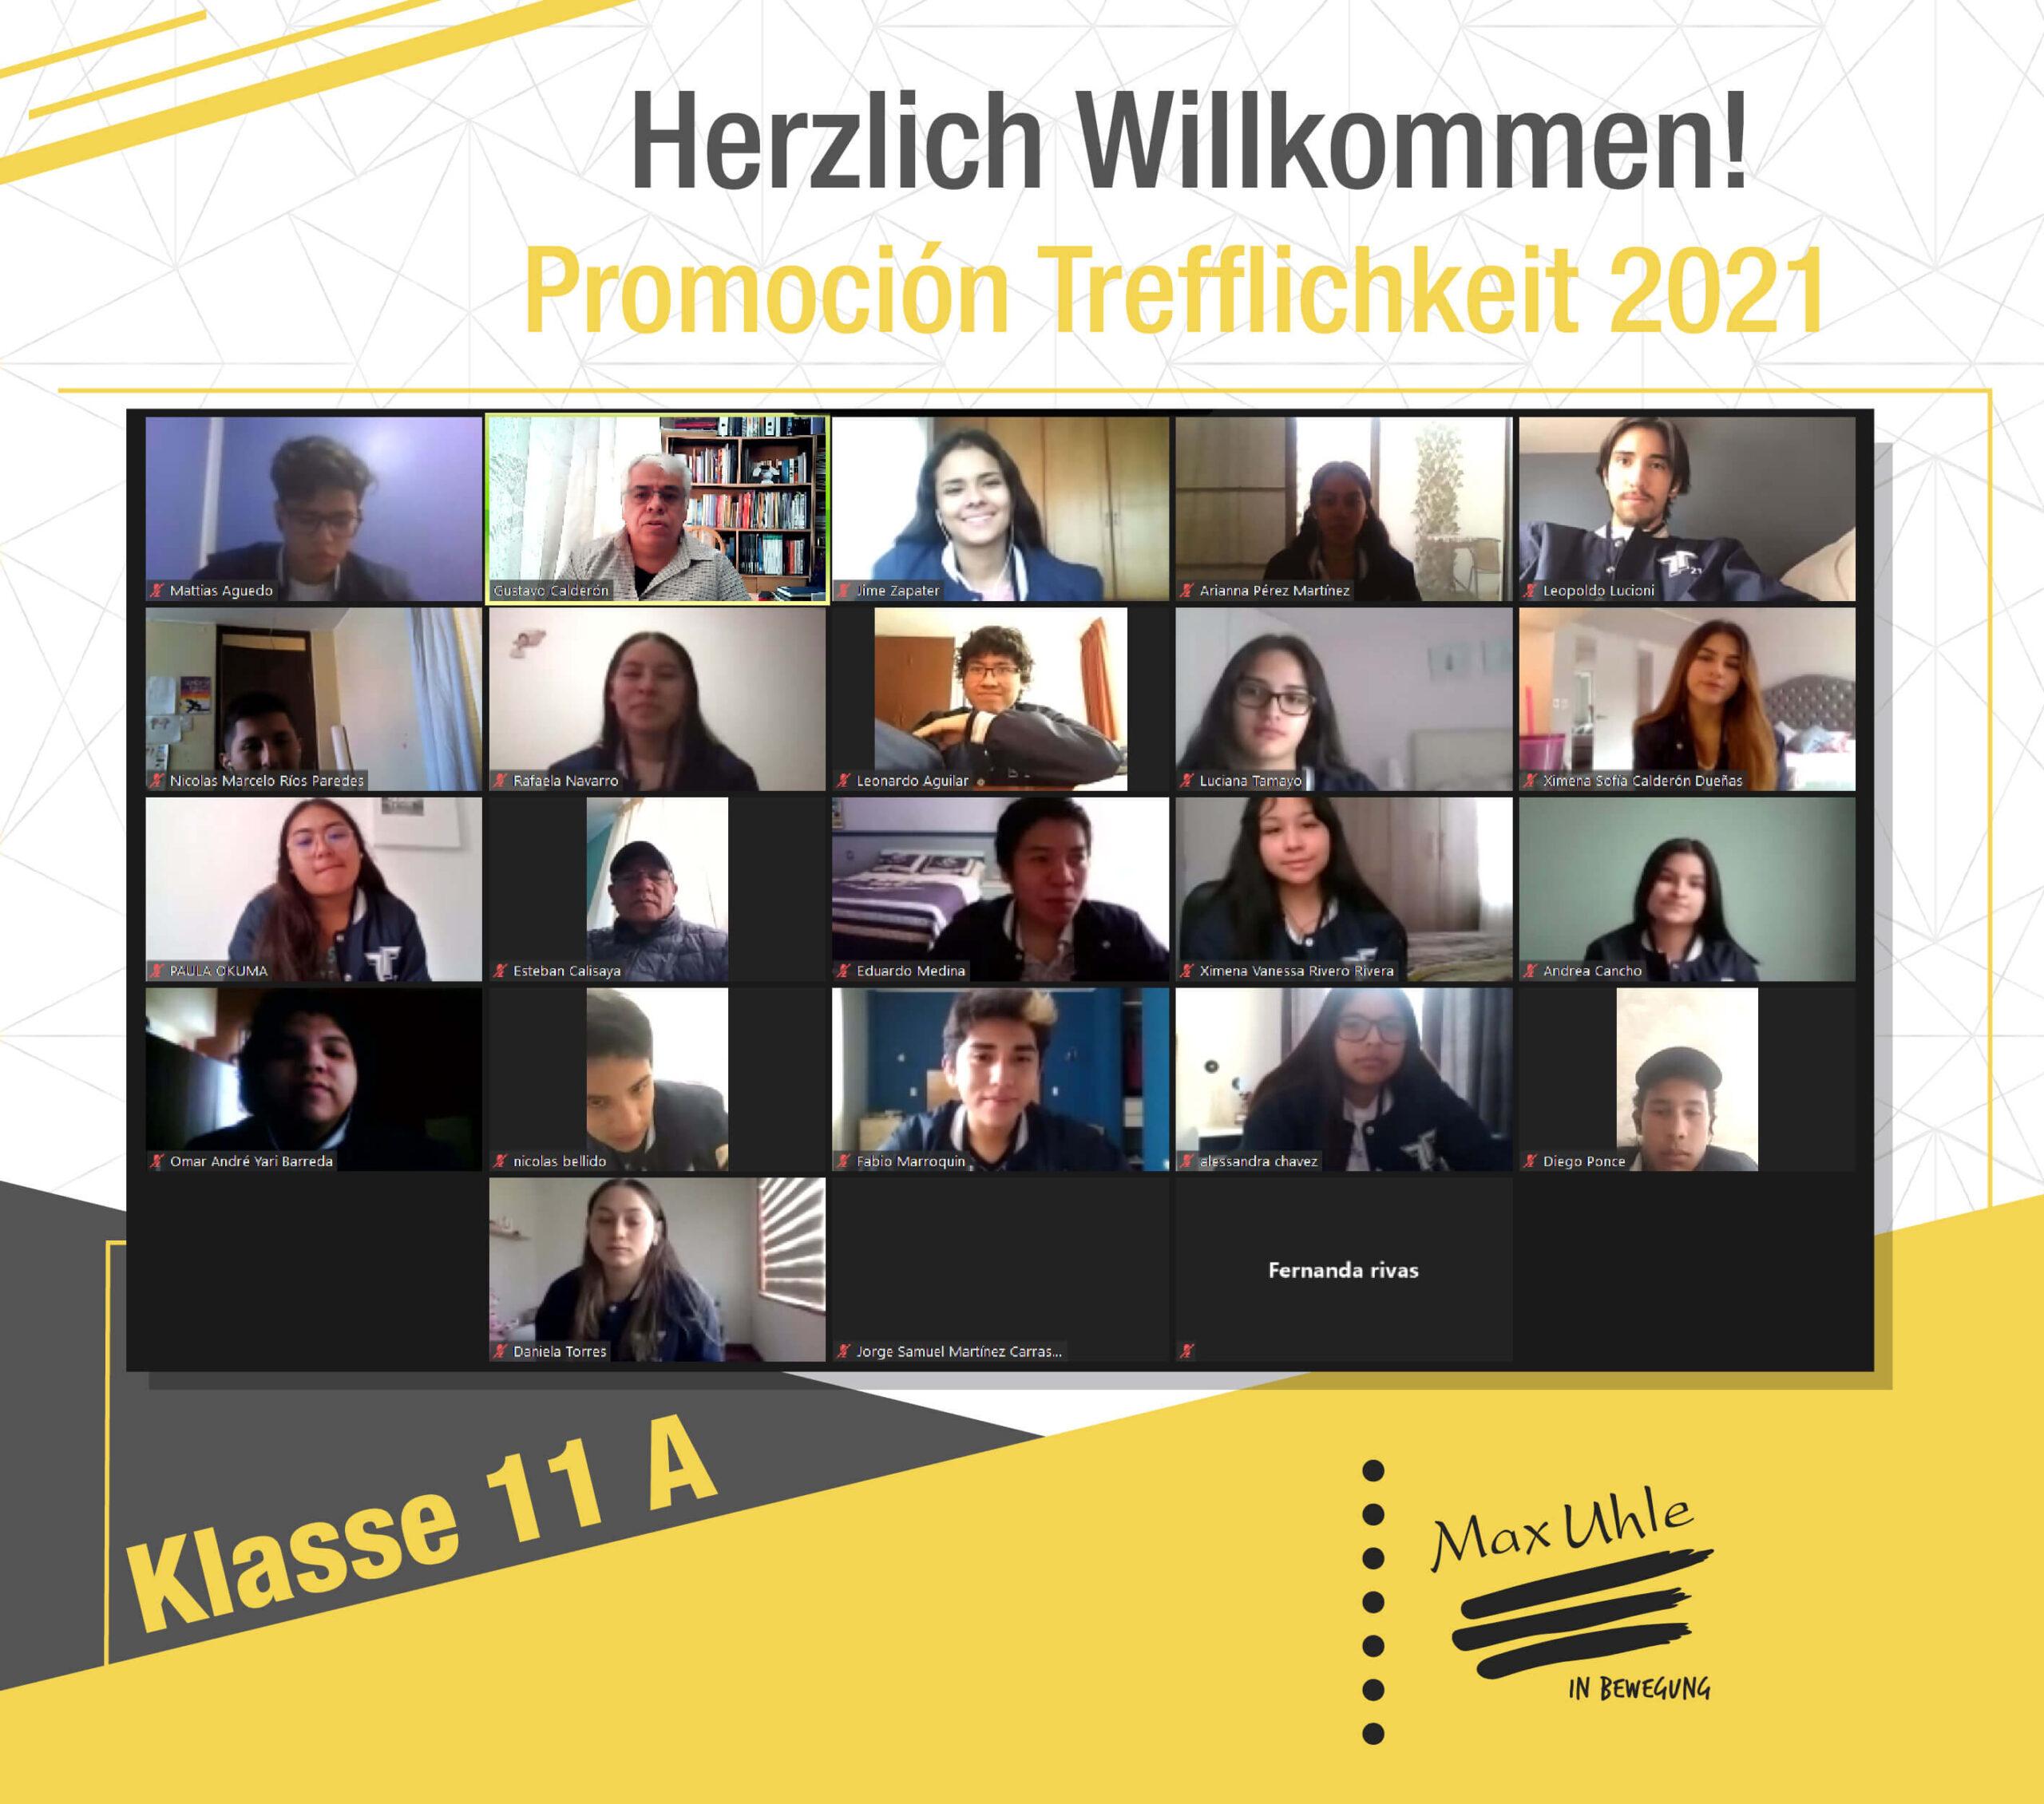 regreso a clases promocion trefflichkeit 2021 clase 11A